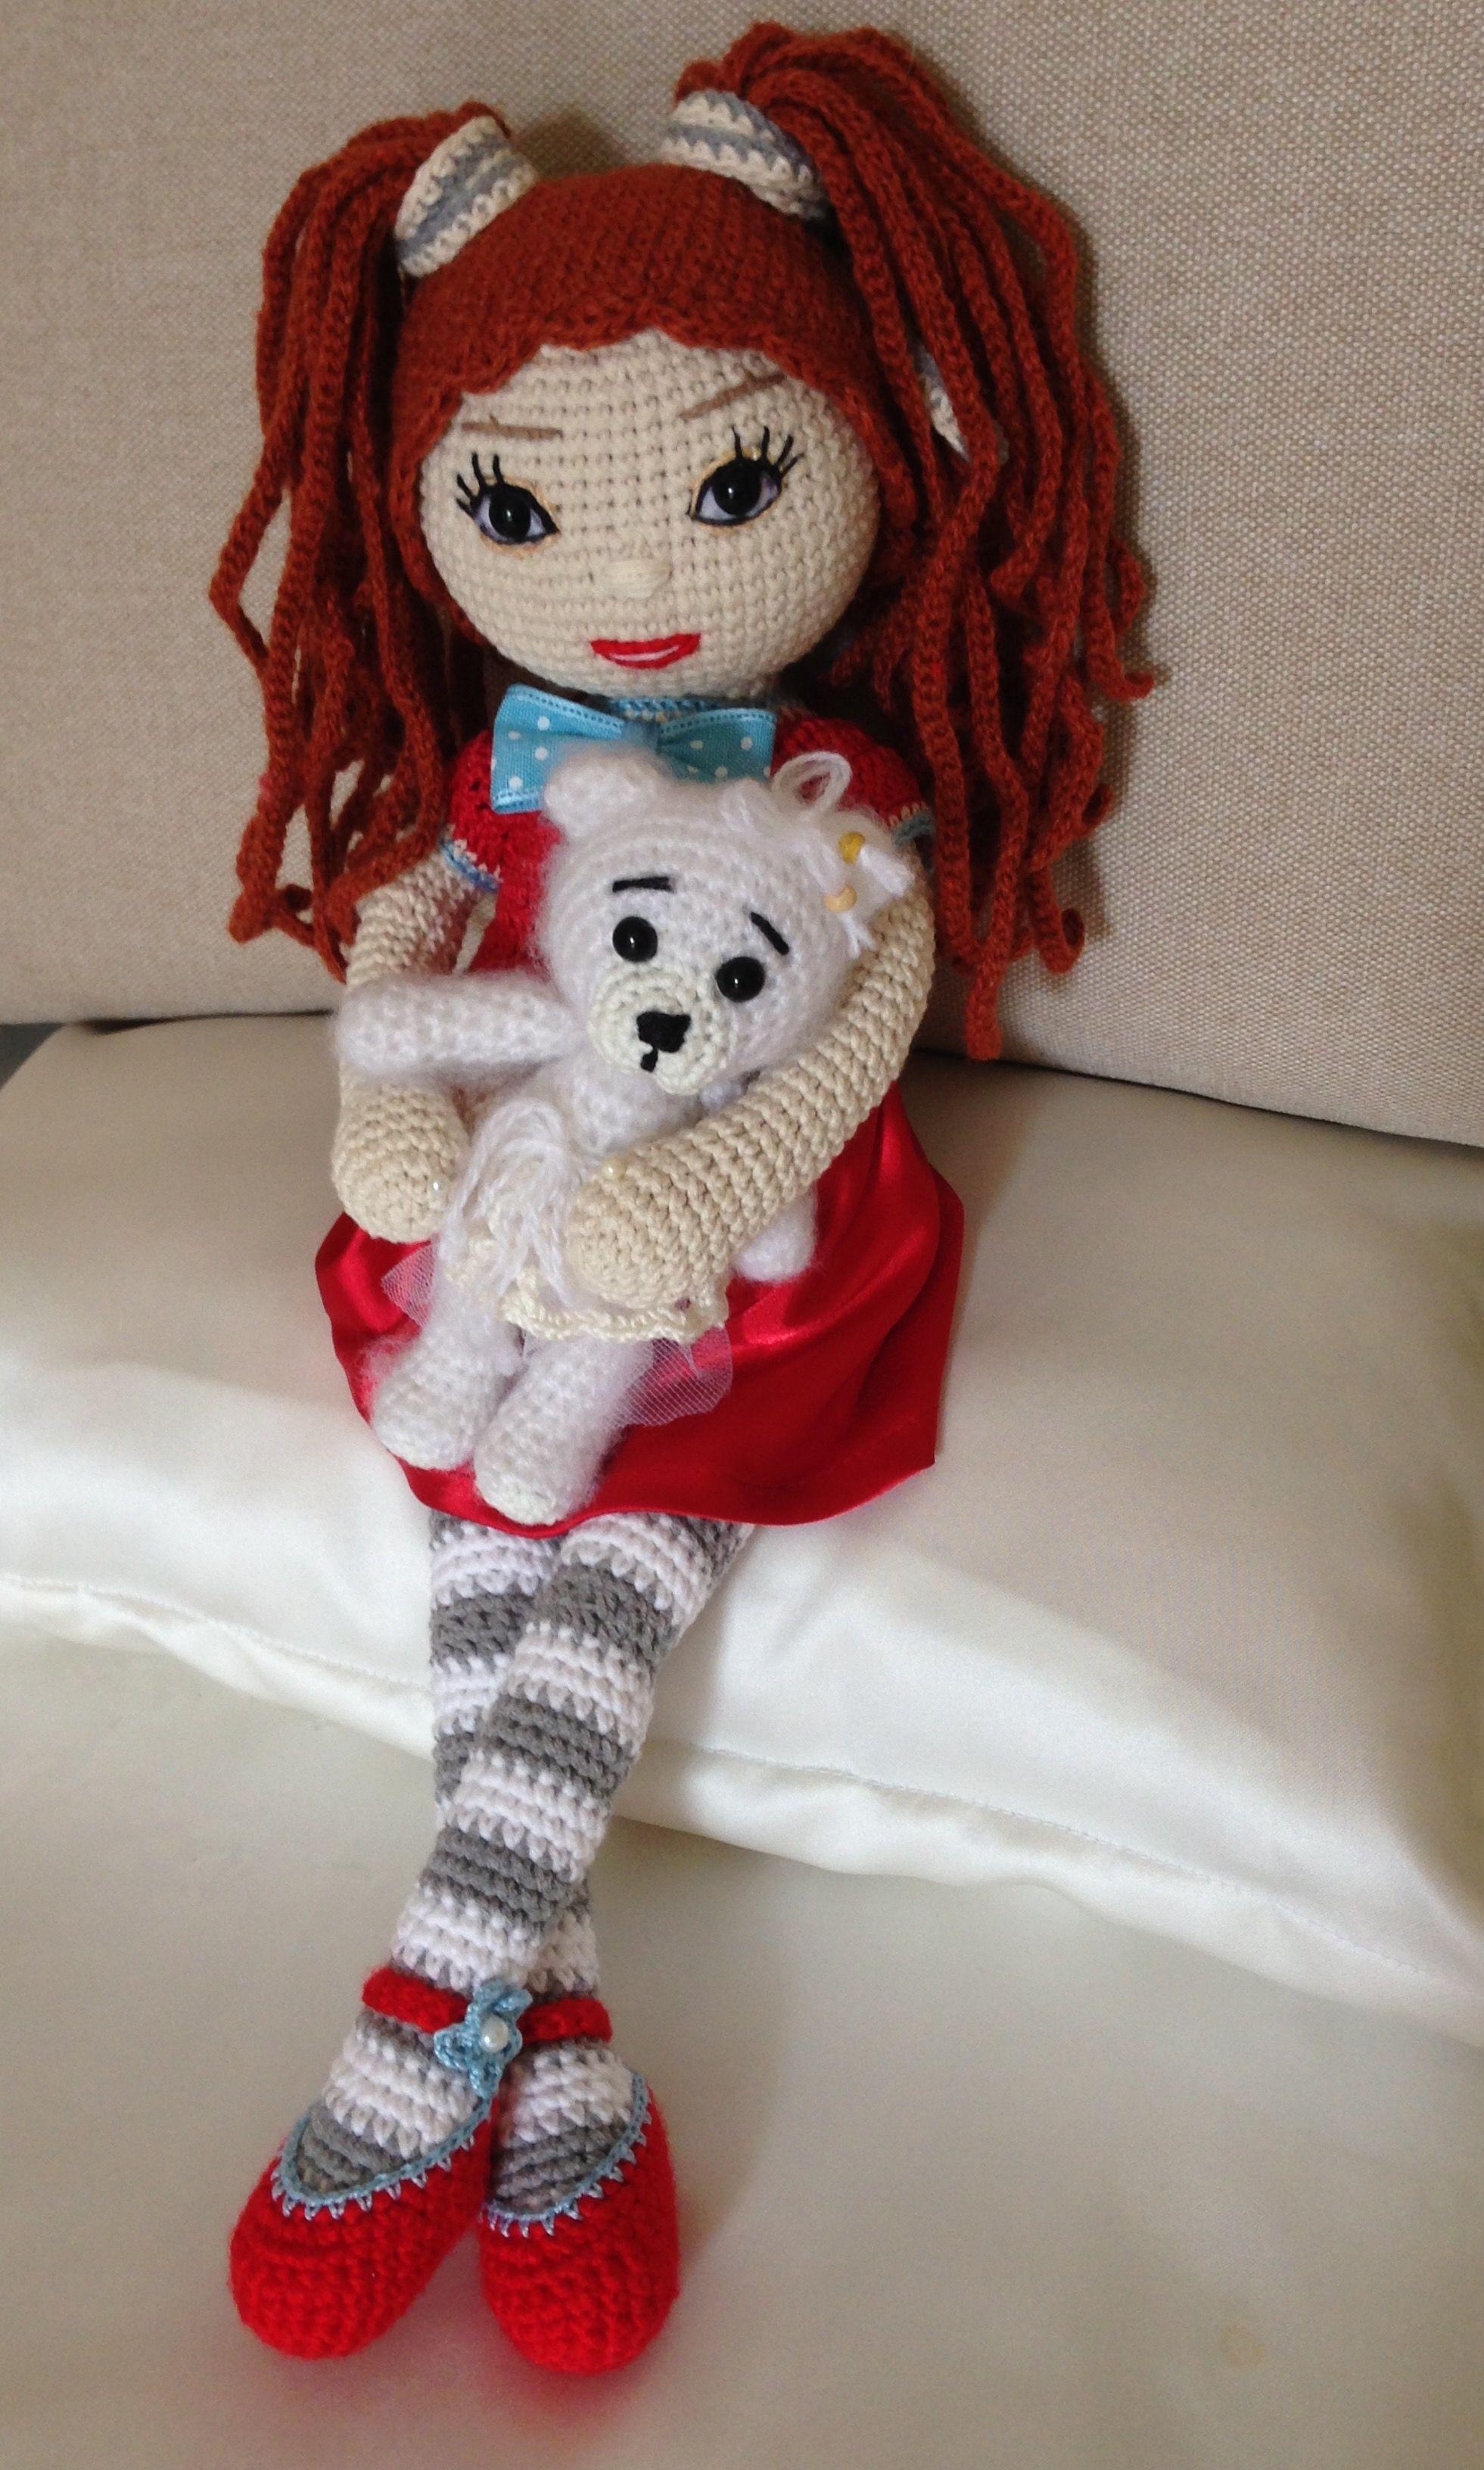 Compre Bonecas Amigurumi Crochet Meninas Chocalho Boneca De ... | 3264x1961